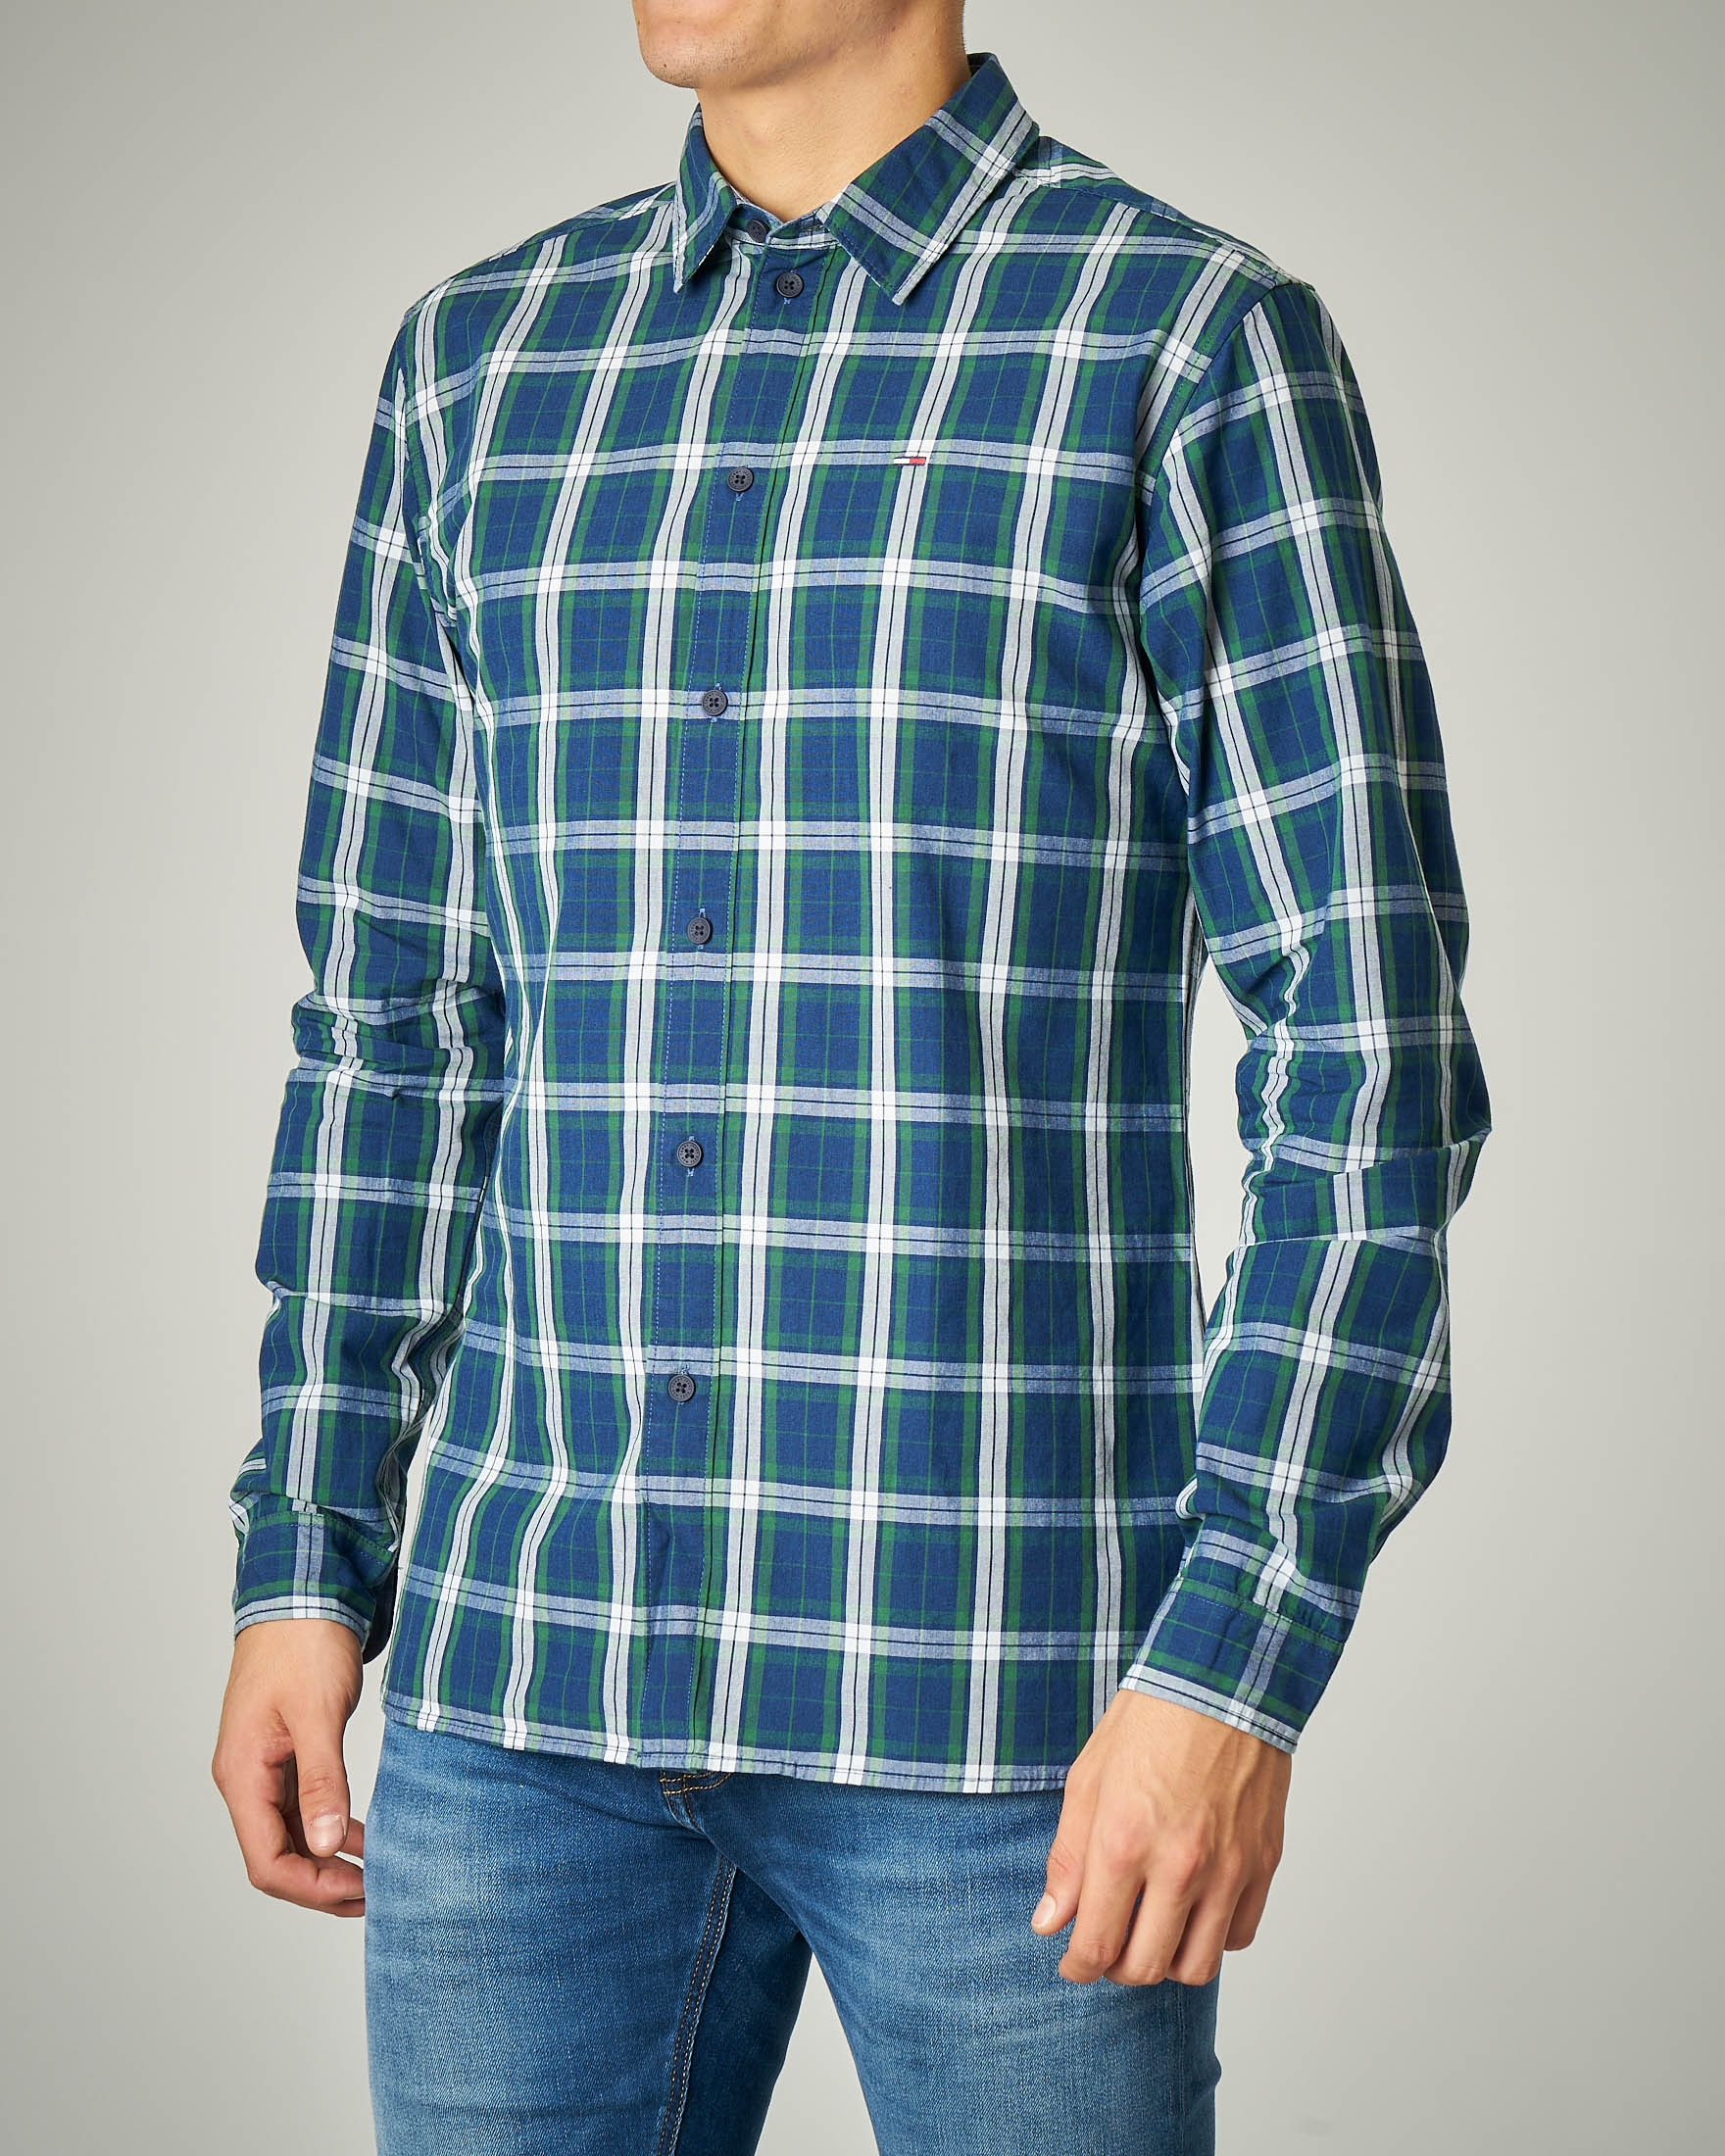 Camicia blu e verde a quadri